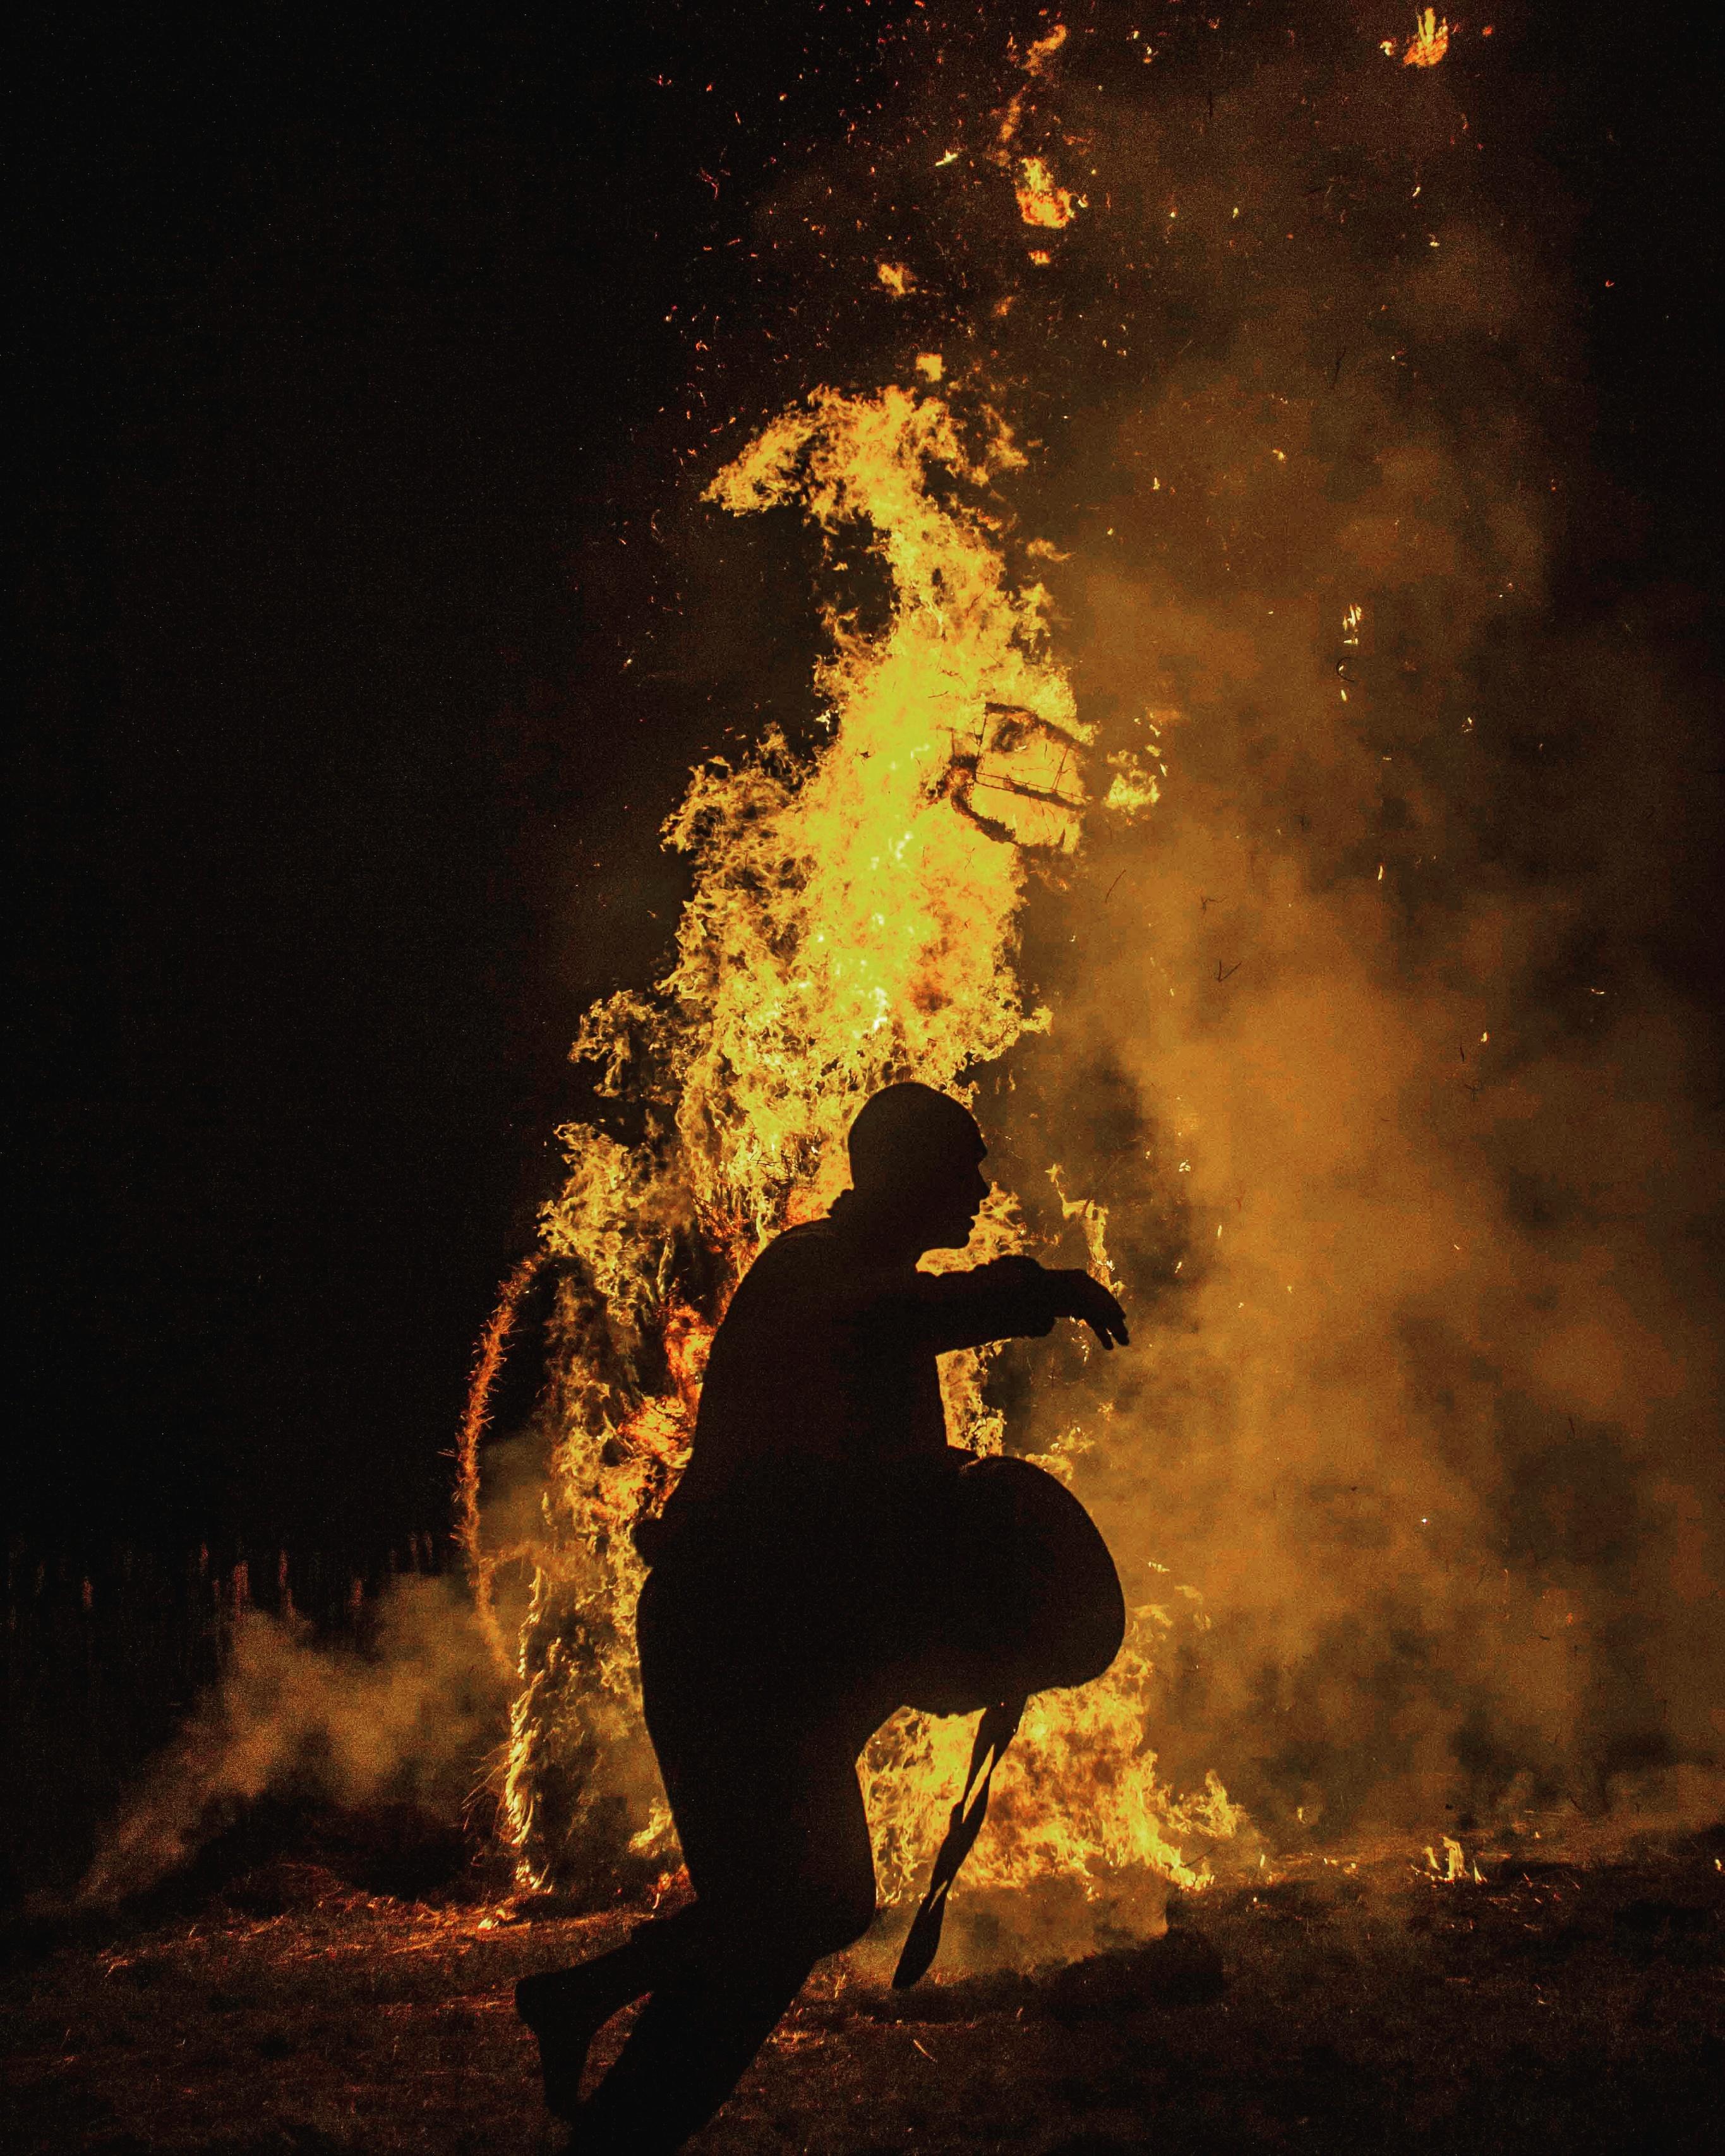 огненный парень картинки вислоухие